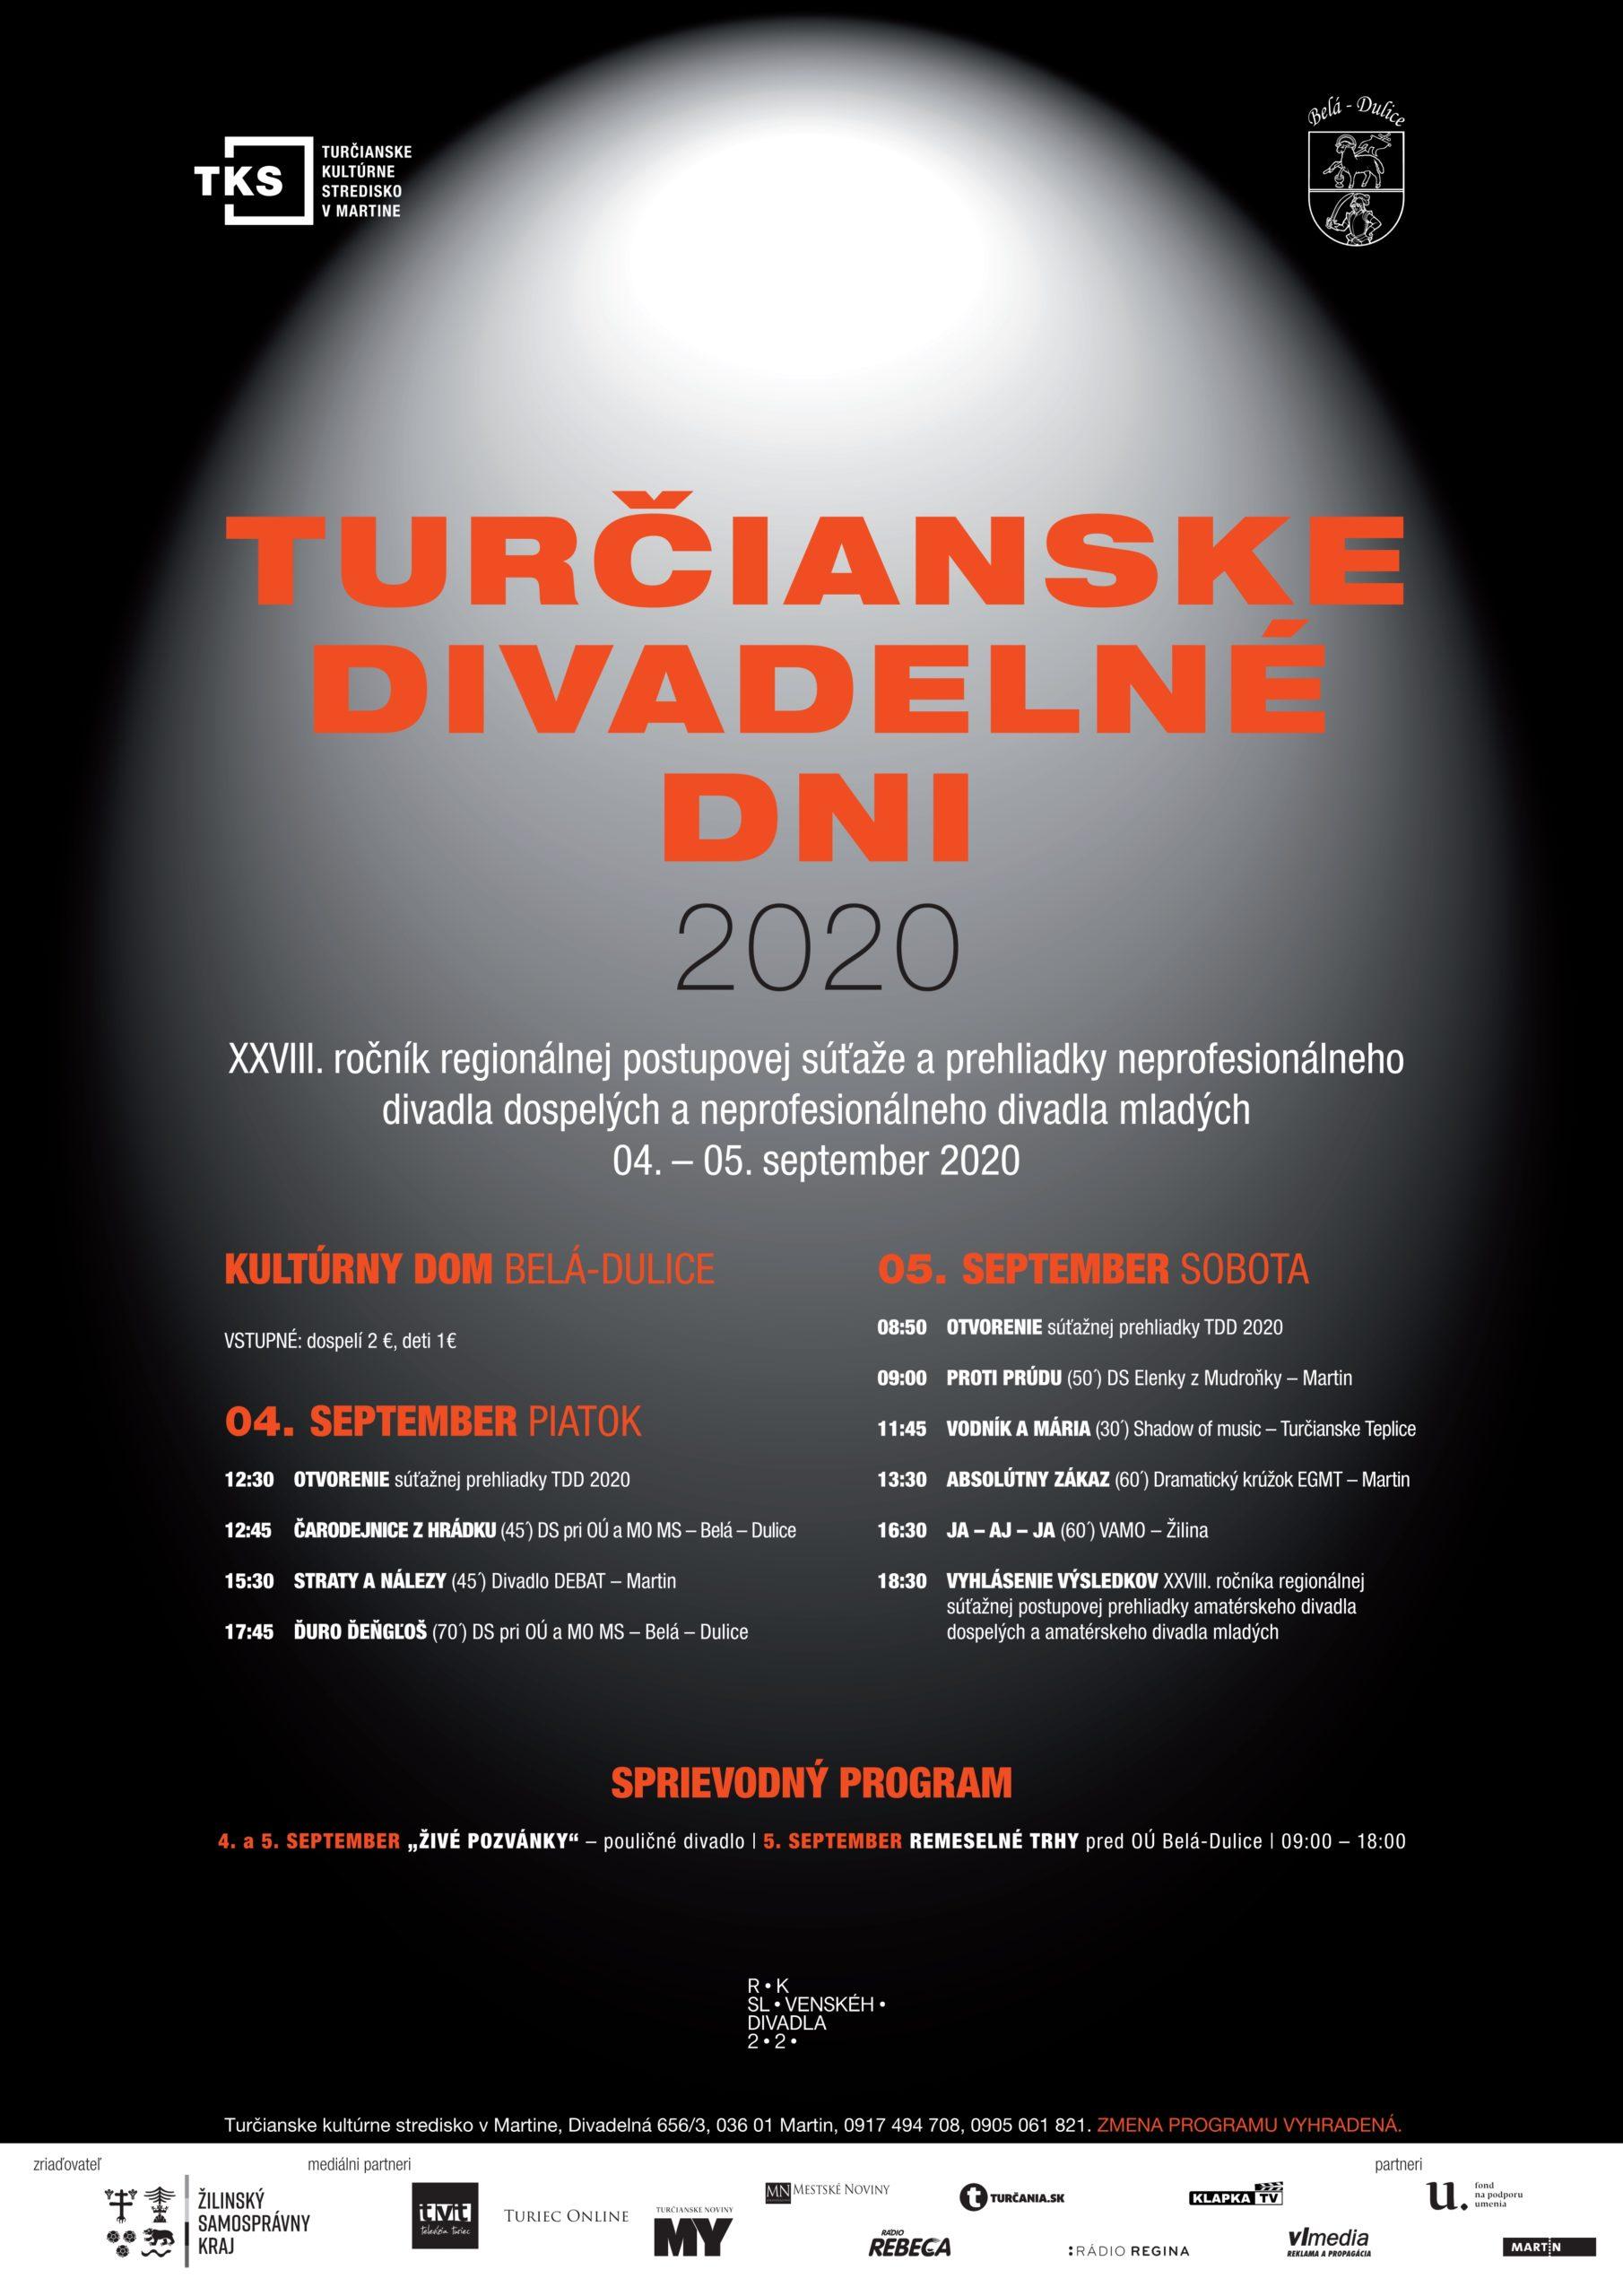 Turčianske divadelné dni 2020 – výsledky regionálneho kola súťažnej prehliadky